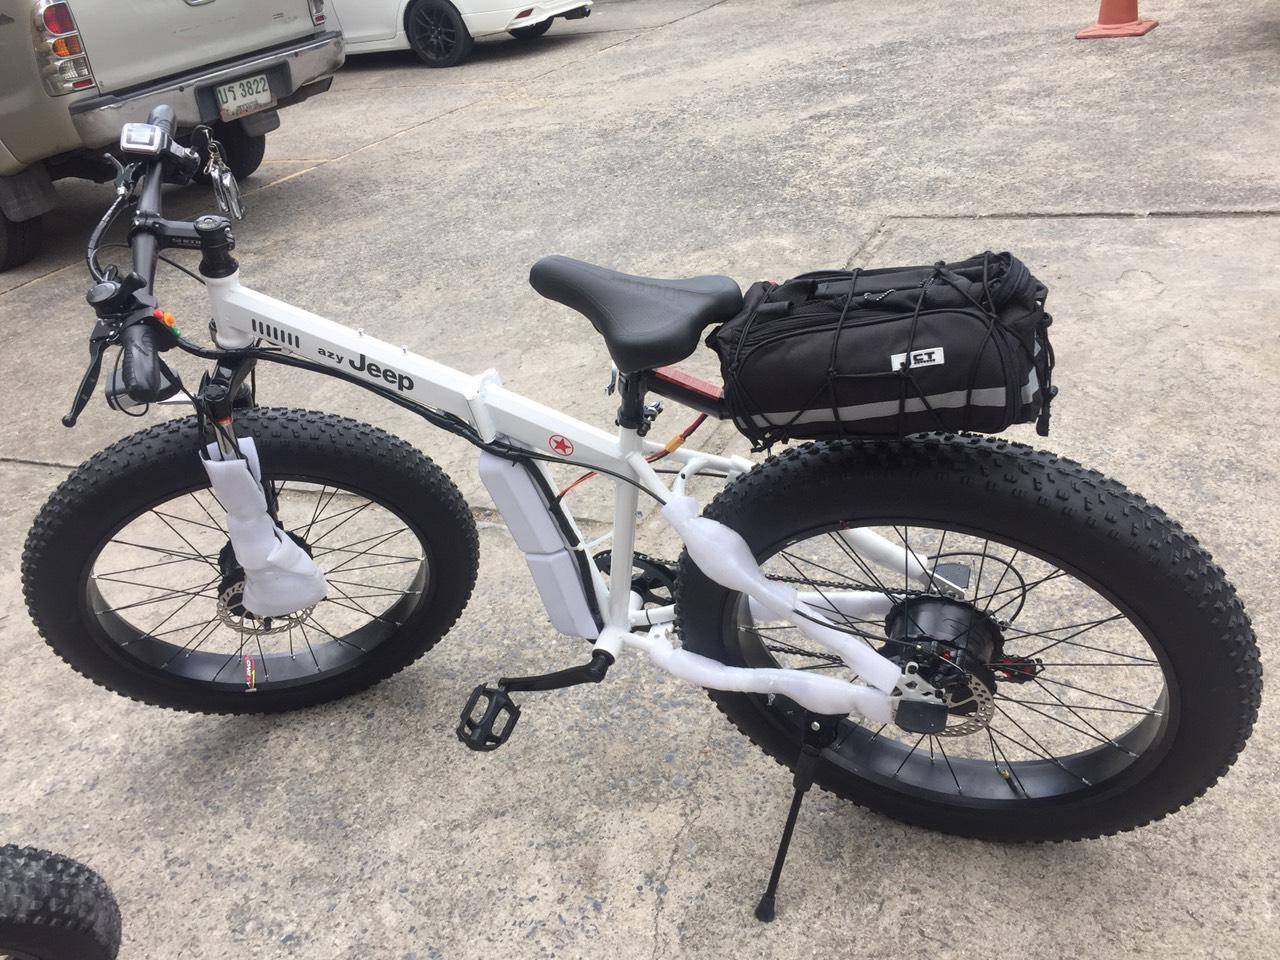 จักรยาน FAT-Bike นิยมติดล้อไฟฟ้ามากๆ